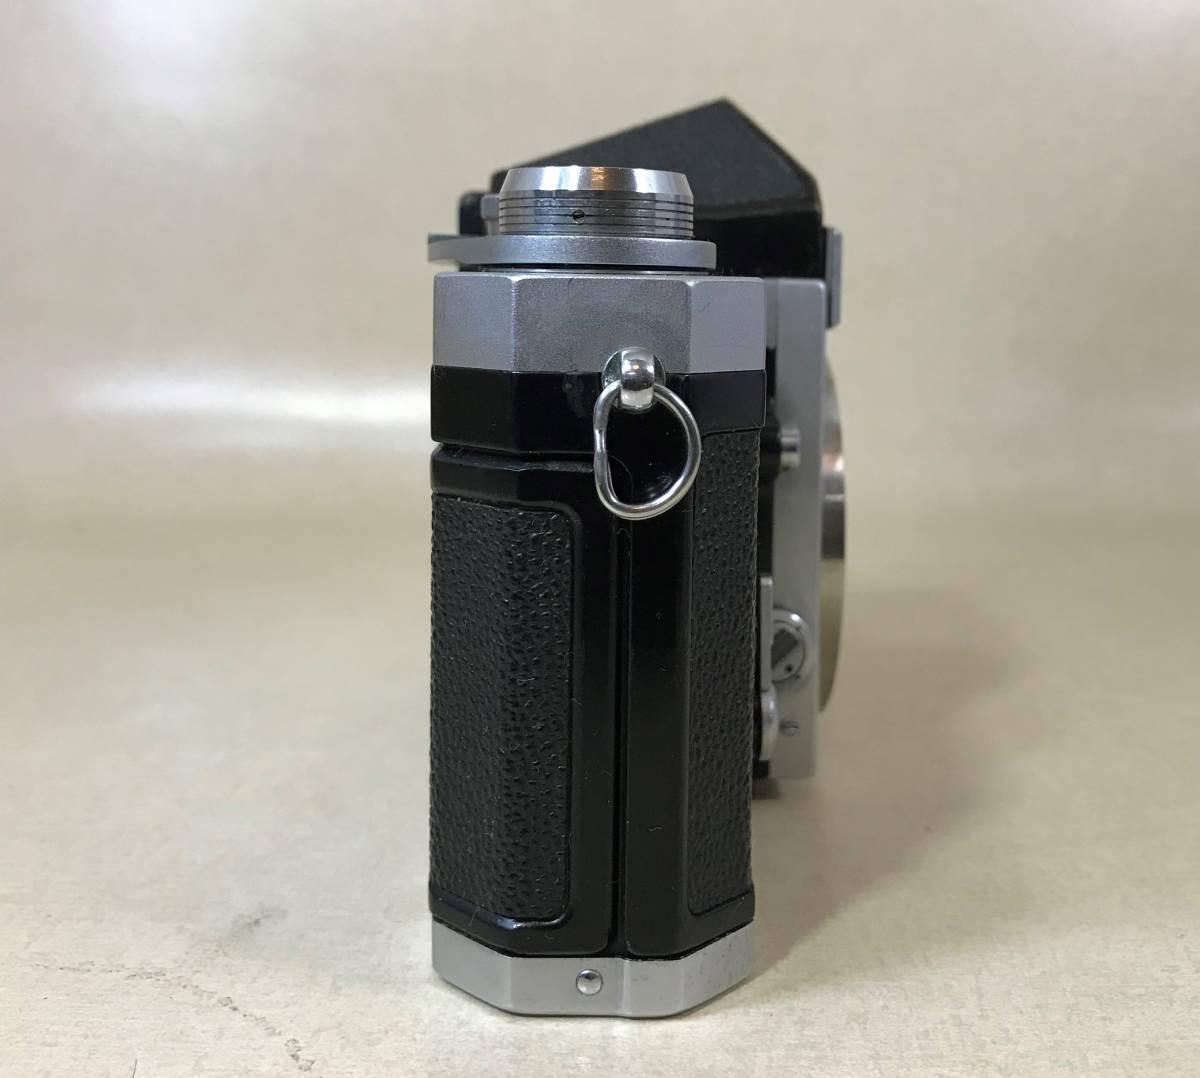 ニコン Nikon F フィルムカメラ/シリアルNO 6721651 NIPPON KOGAKU TOKYO_画像4